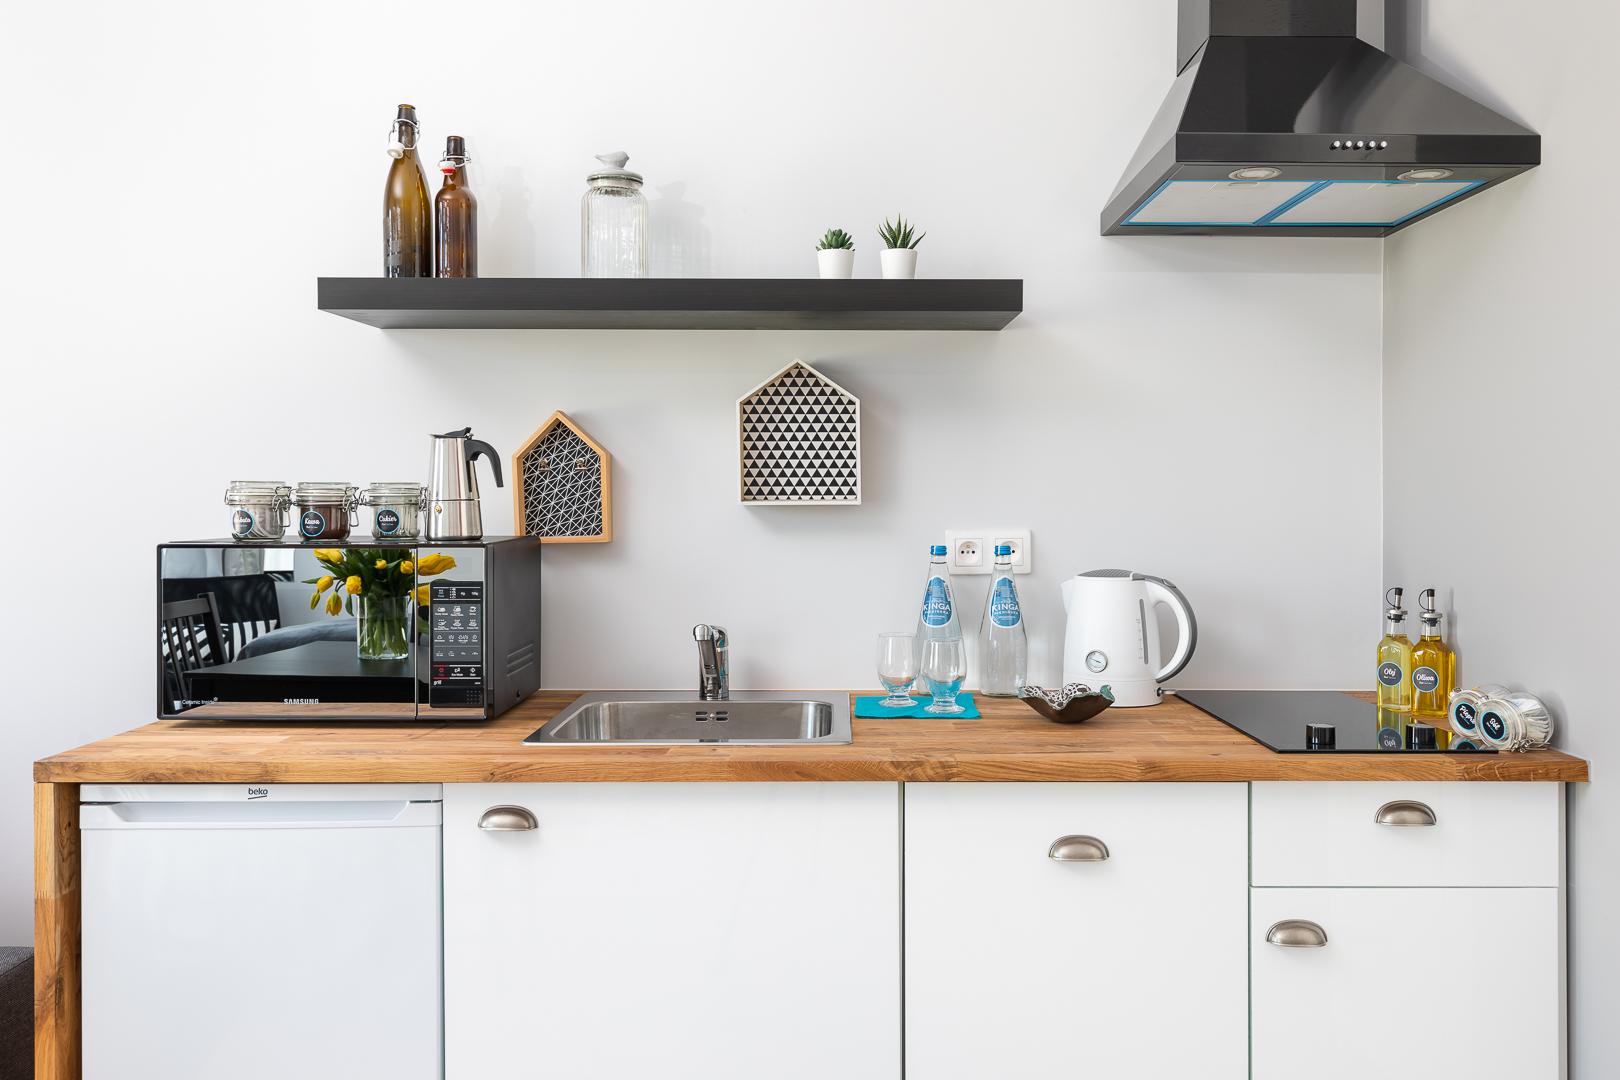 Kitchen facilities at Burakowska Apartments